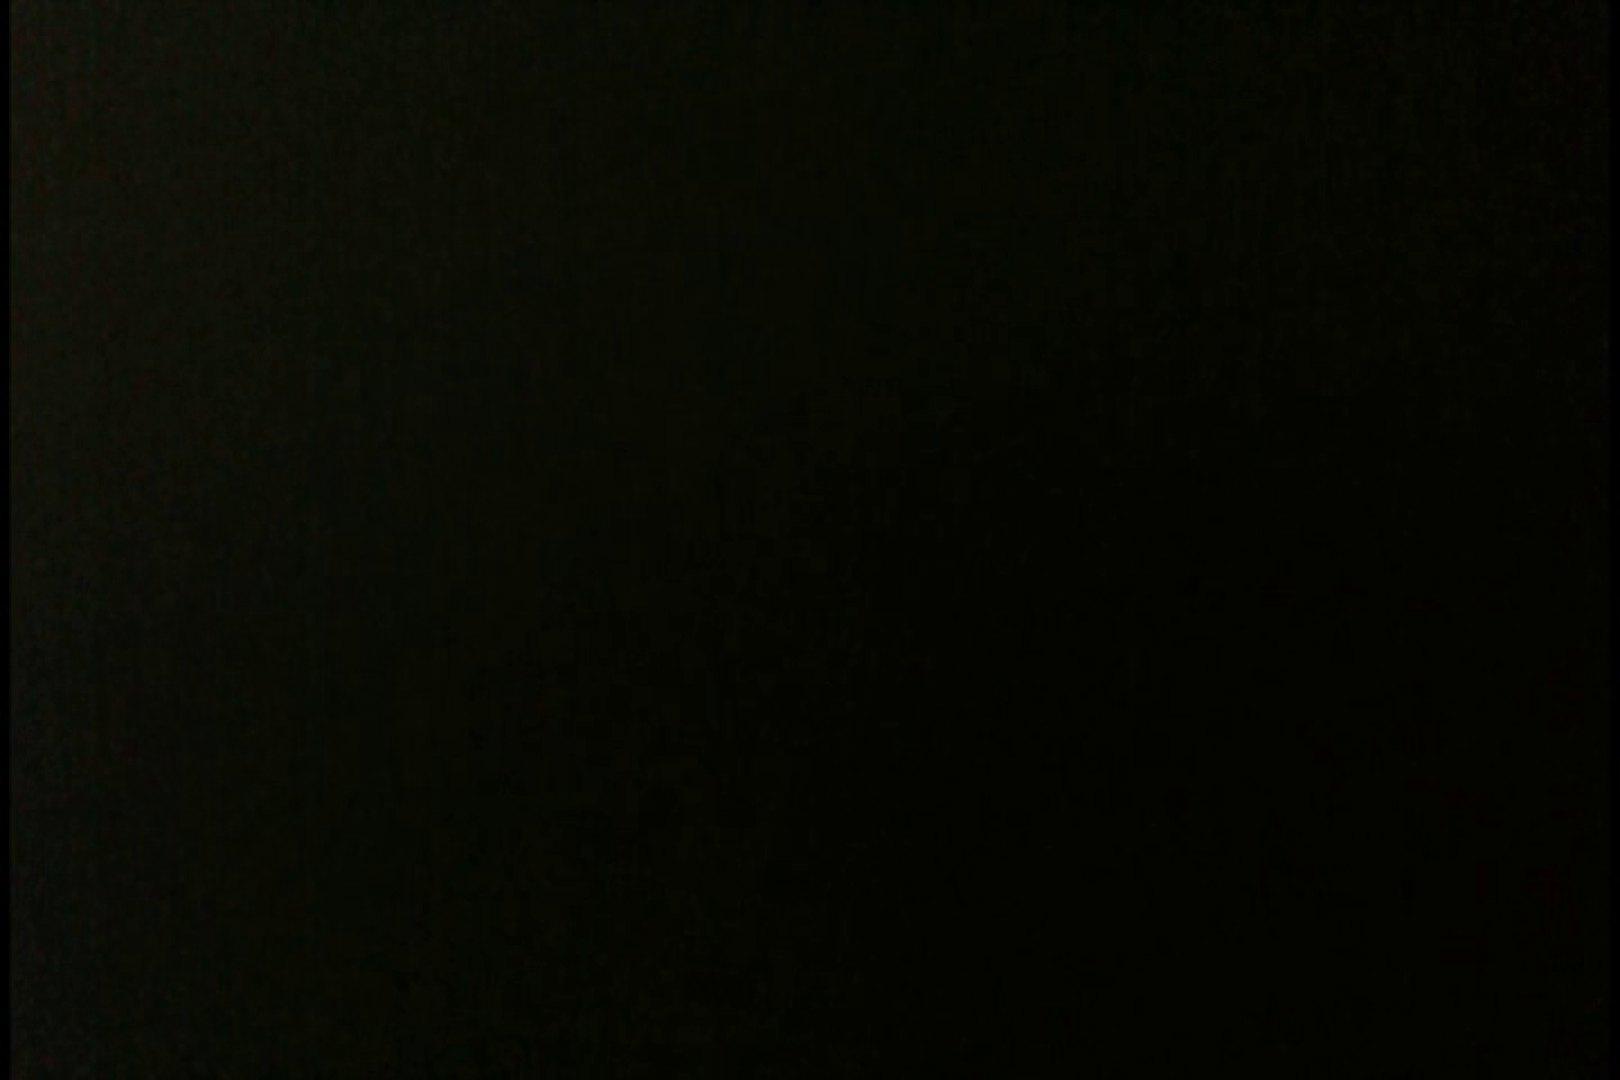 投稿!山下さんの闘病日記 激カワナースパンチラ vol.04 パンチラ AV無料動画キャプチャ 11枚 9